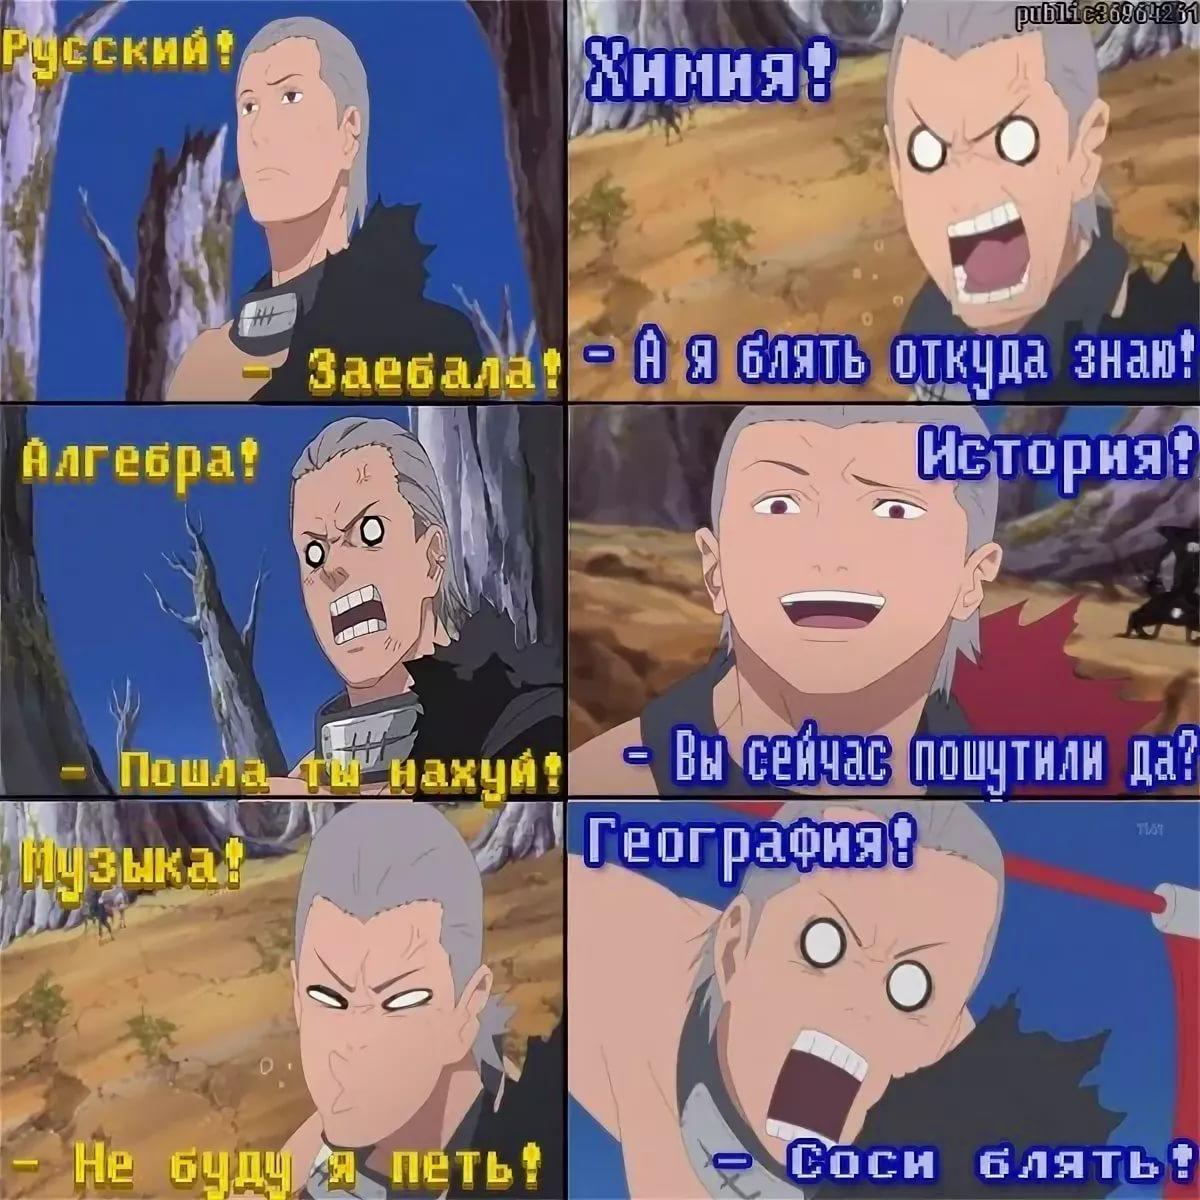 Ржачные аниме мемы на русском наруто 27